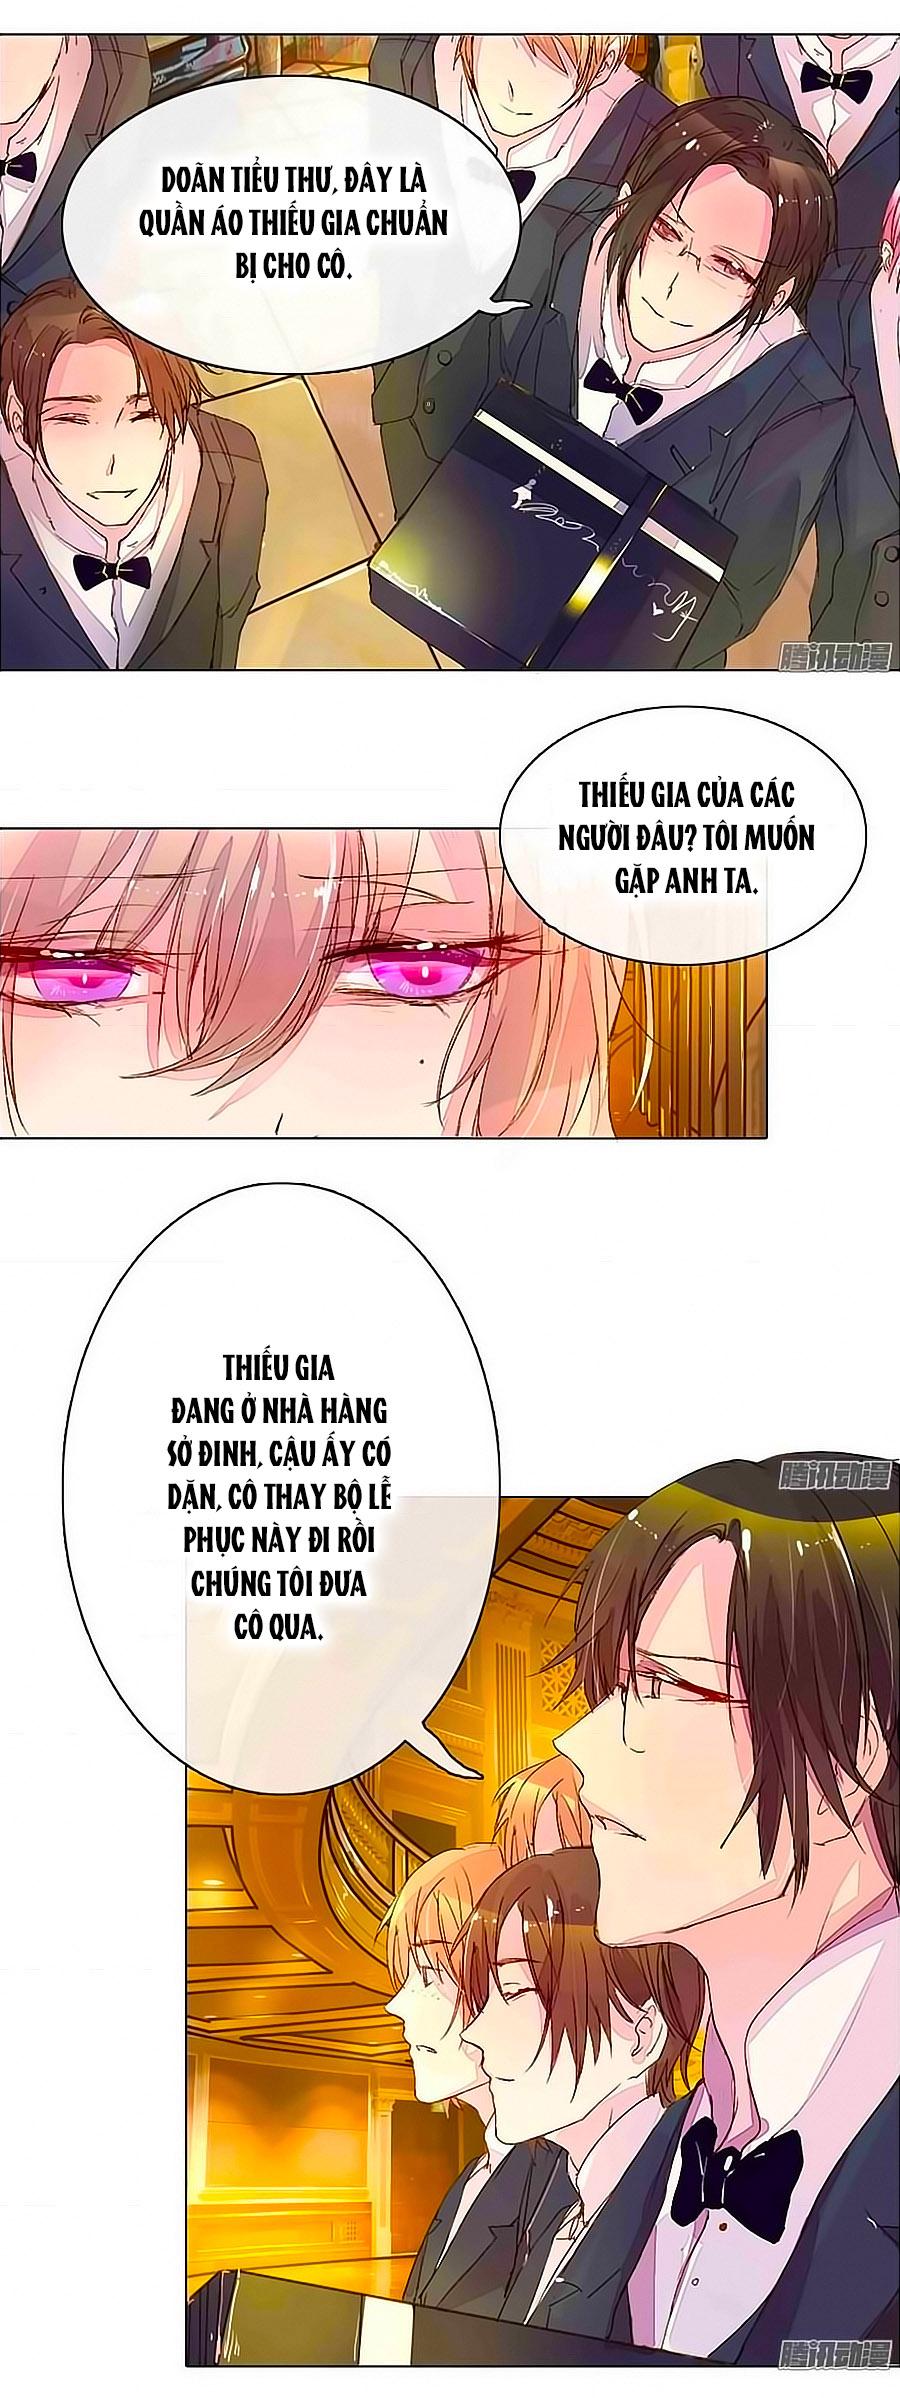 Hào Môn Tiểu Lãn Thê - Chap 10